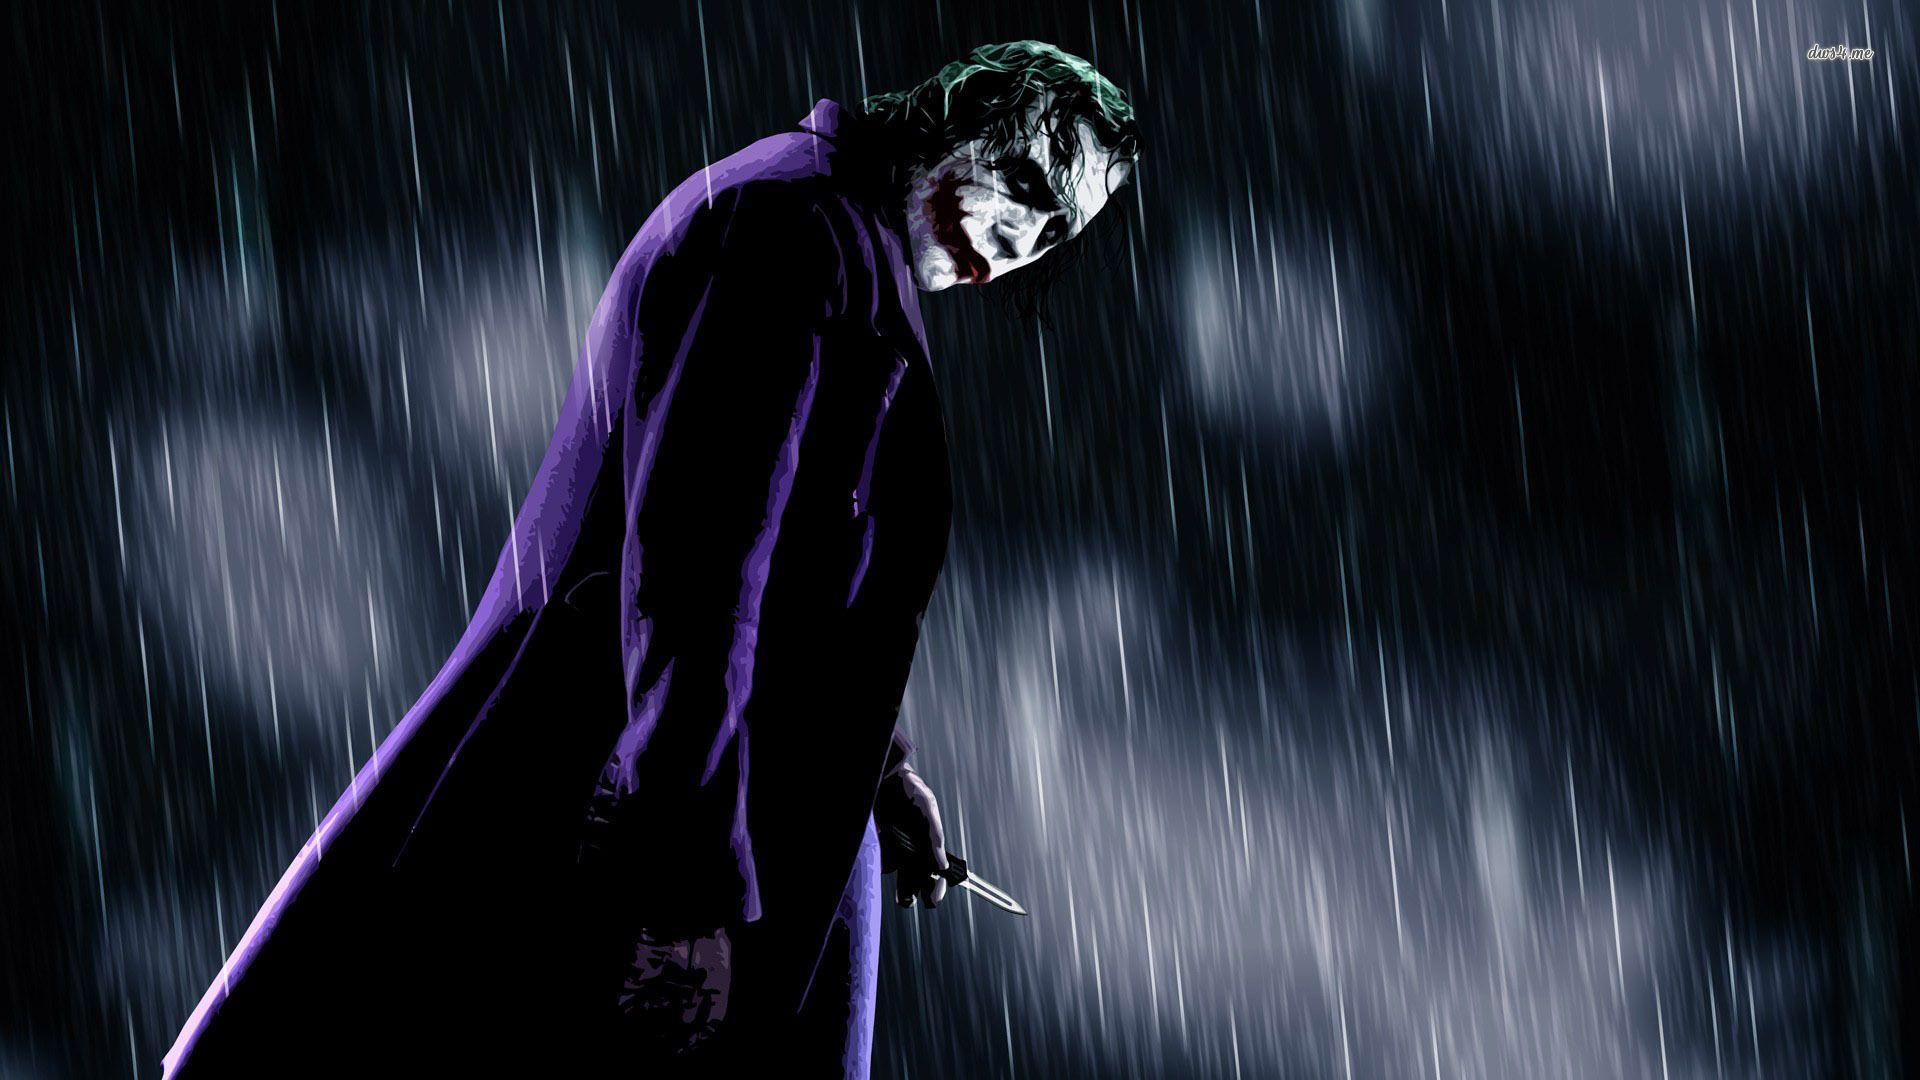 The Joker The Dark Knight wallpaper x  WallpaperUP